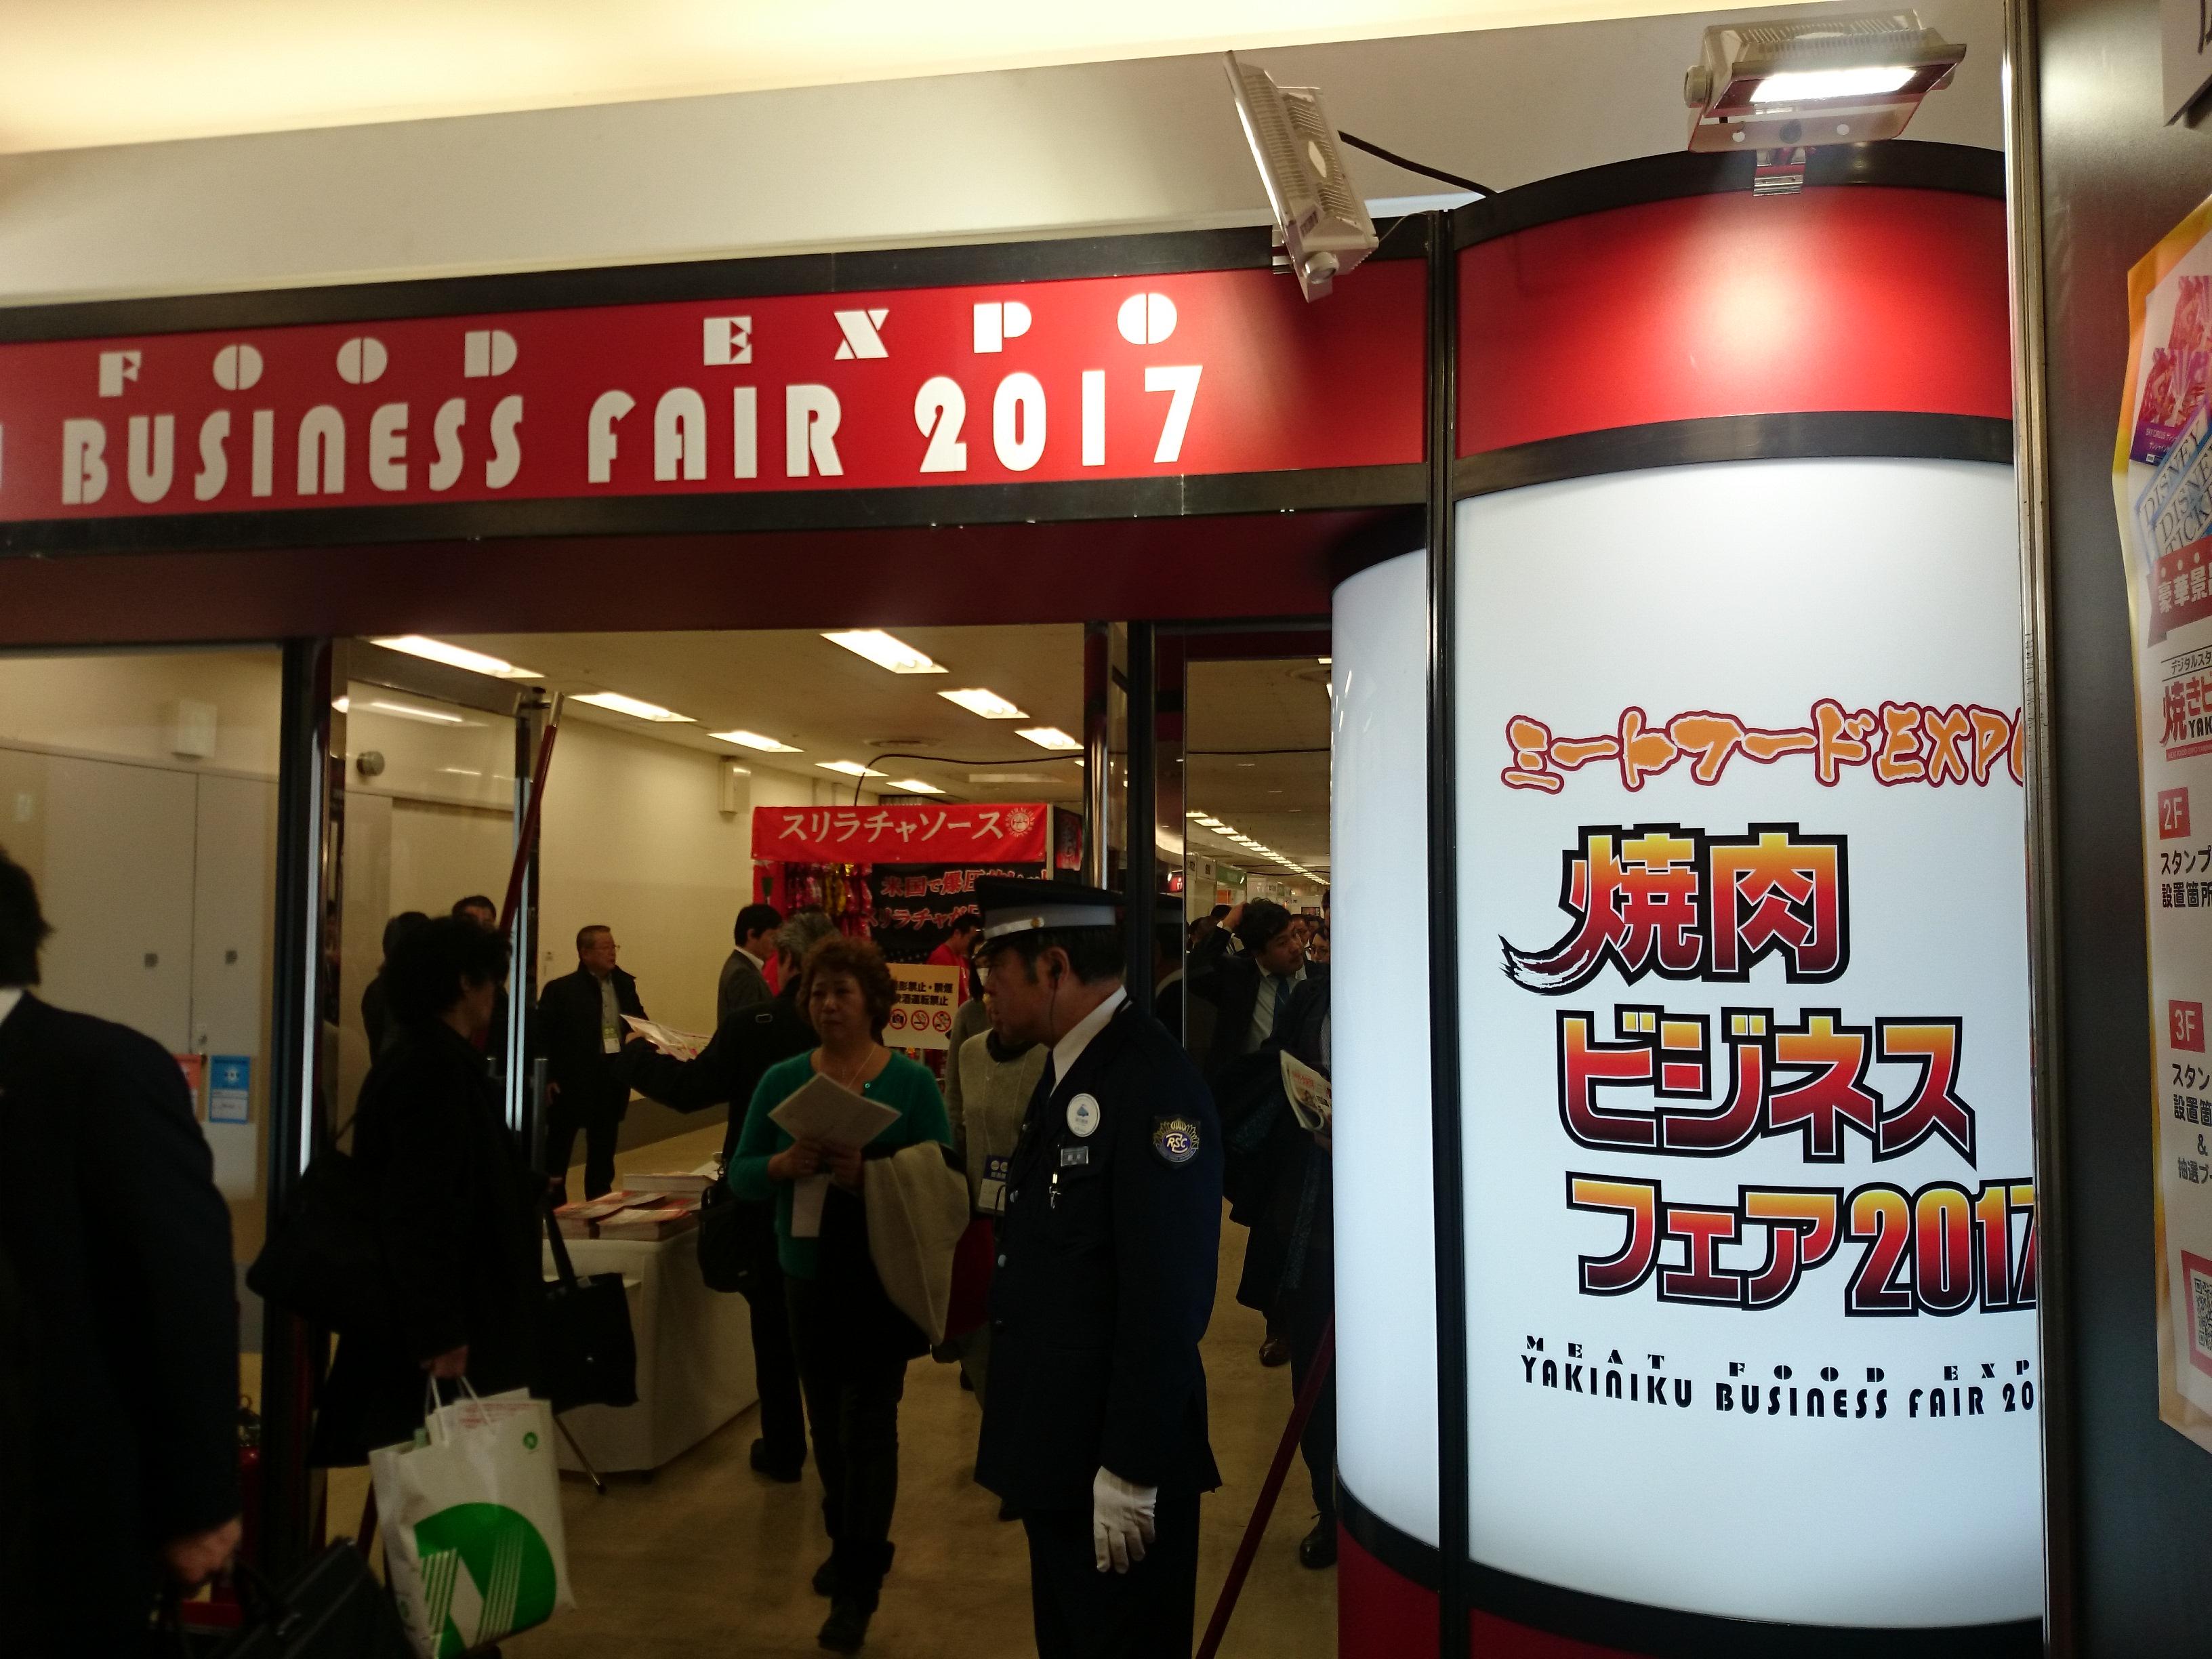 焼肉ビジネスフェア